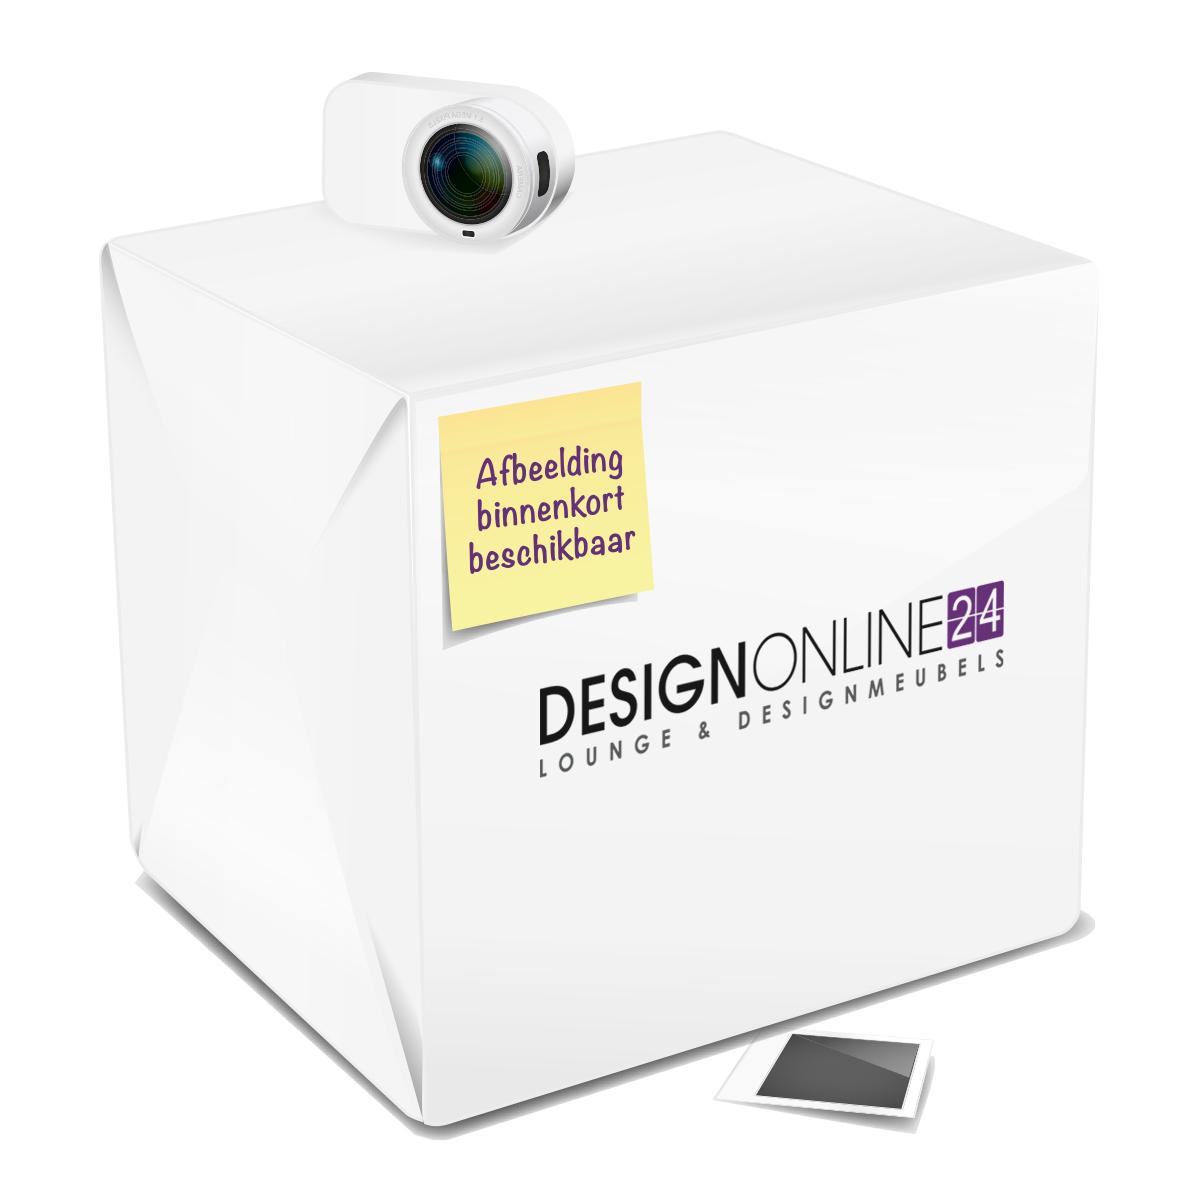 24Designs 24Designs Loungeset 6 Personen - Pomonte - Zwart Polyrattan Wicker met Crèmewitte kussens